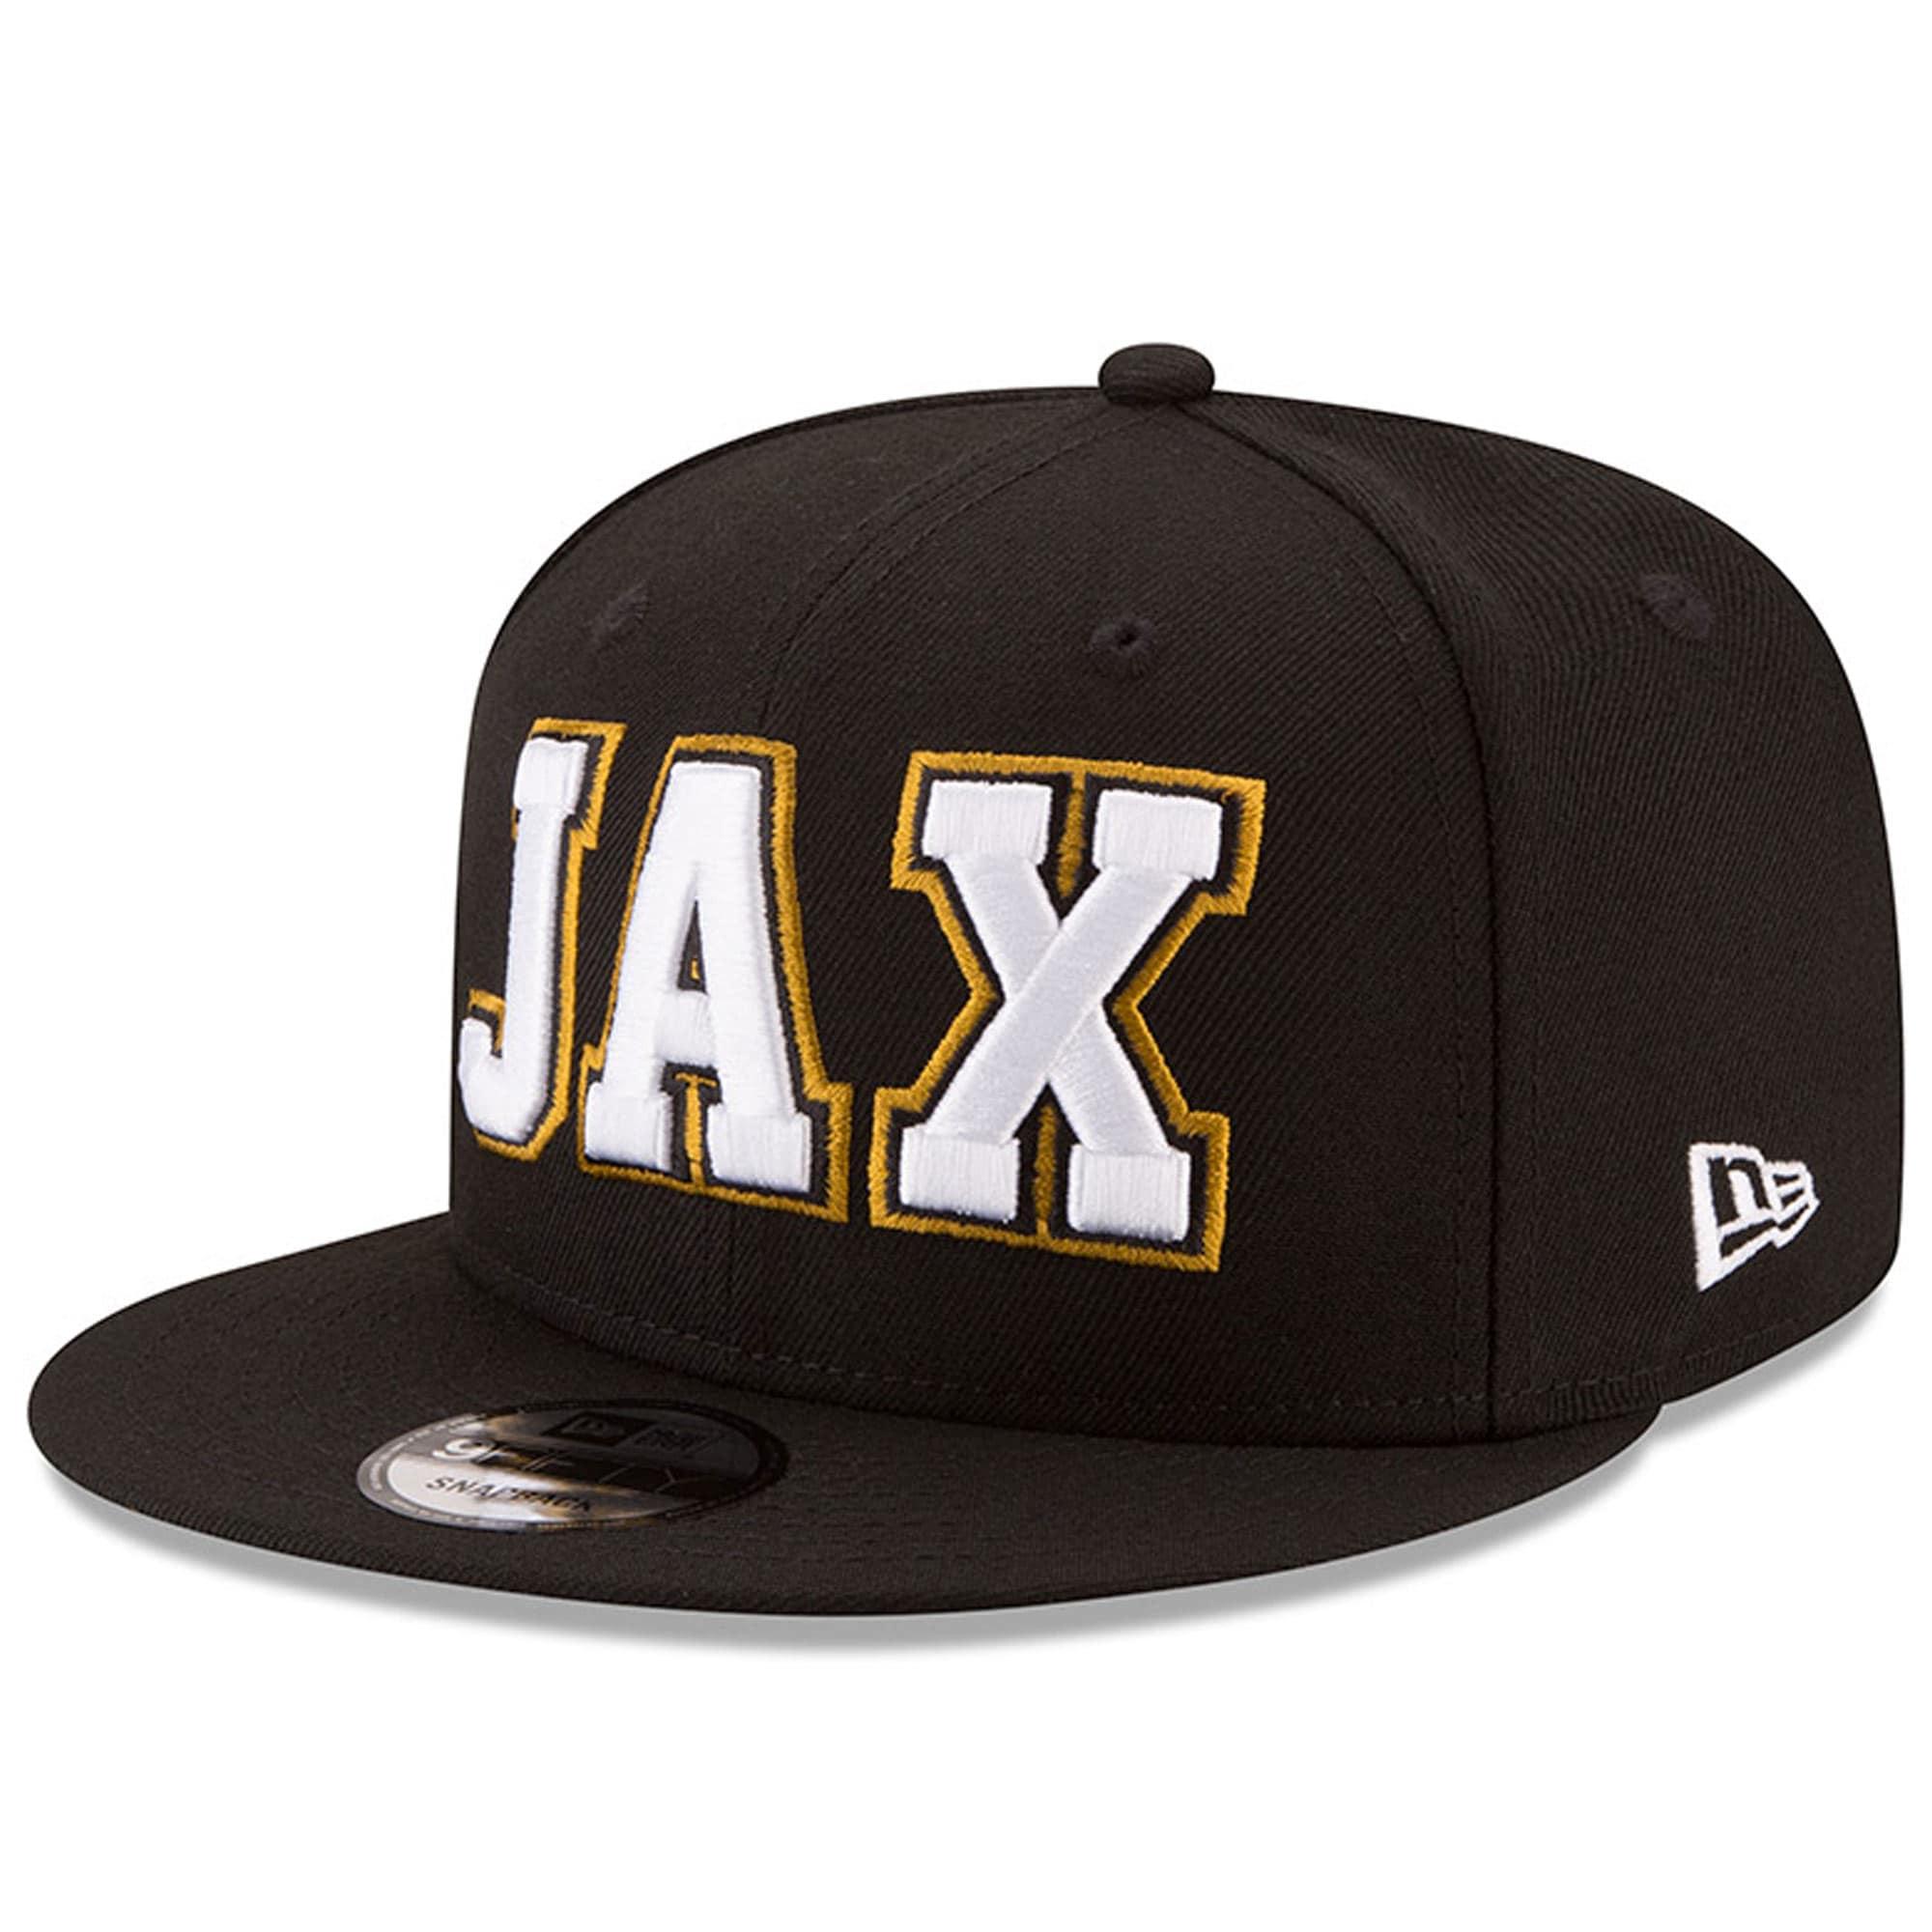 Jacksonville Jaguars New Era Home Turf 9FIFTY Adjustable Snapback Hat - Black